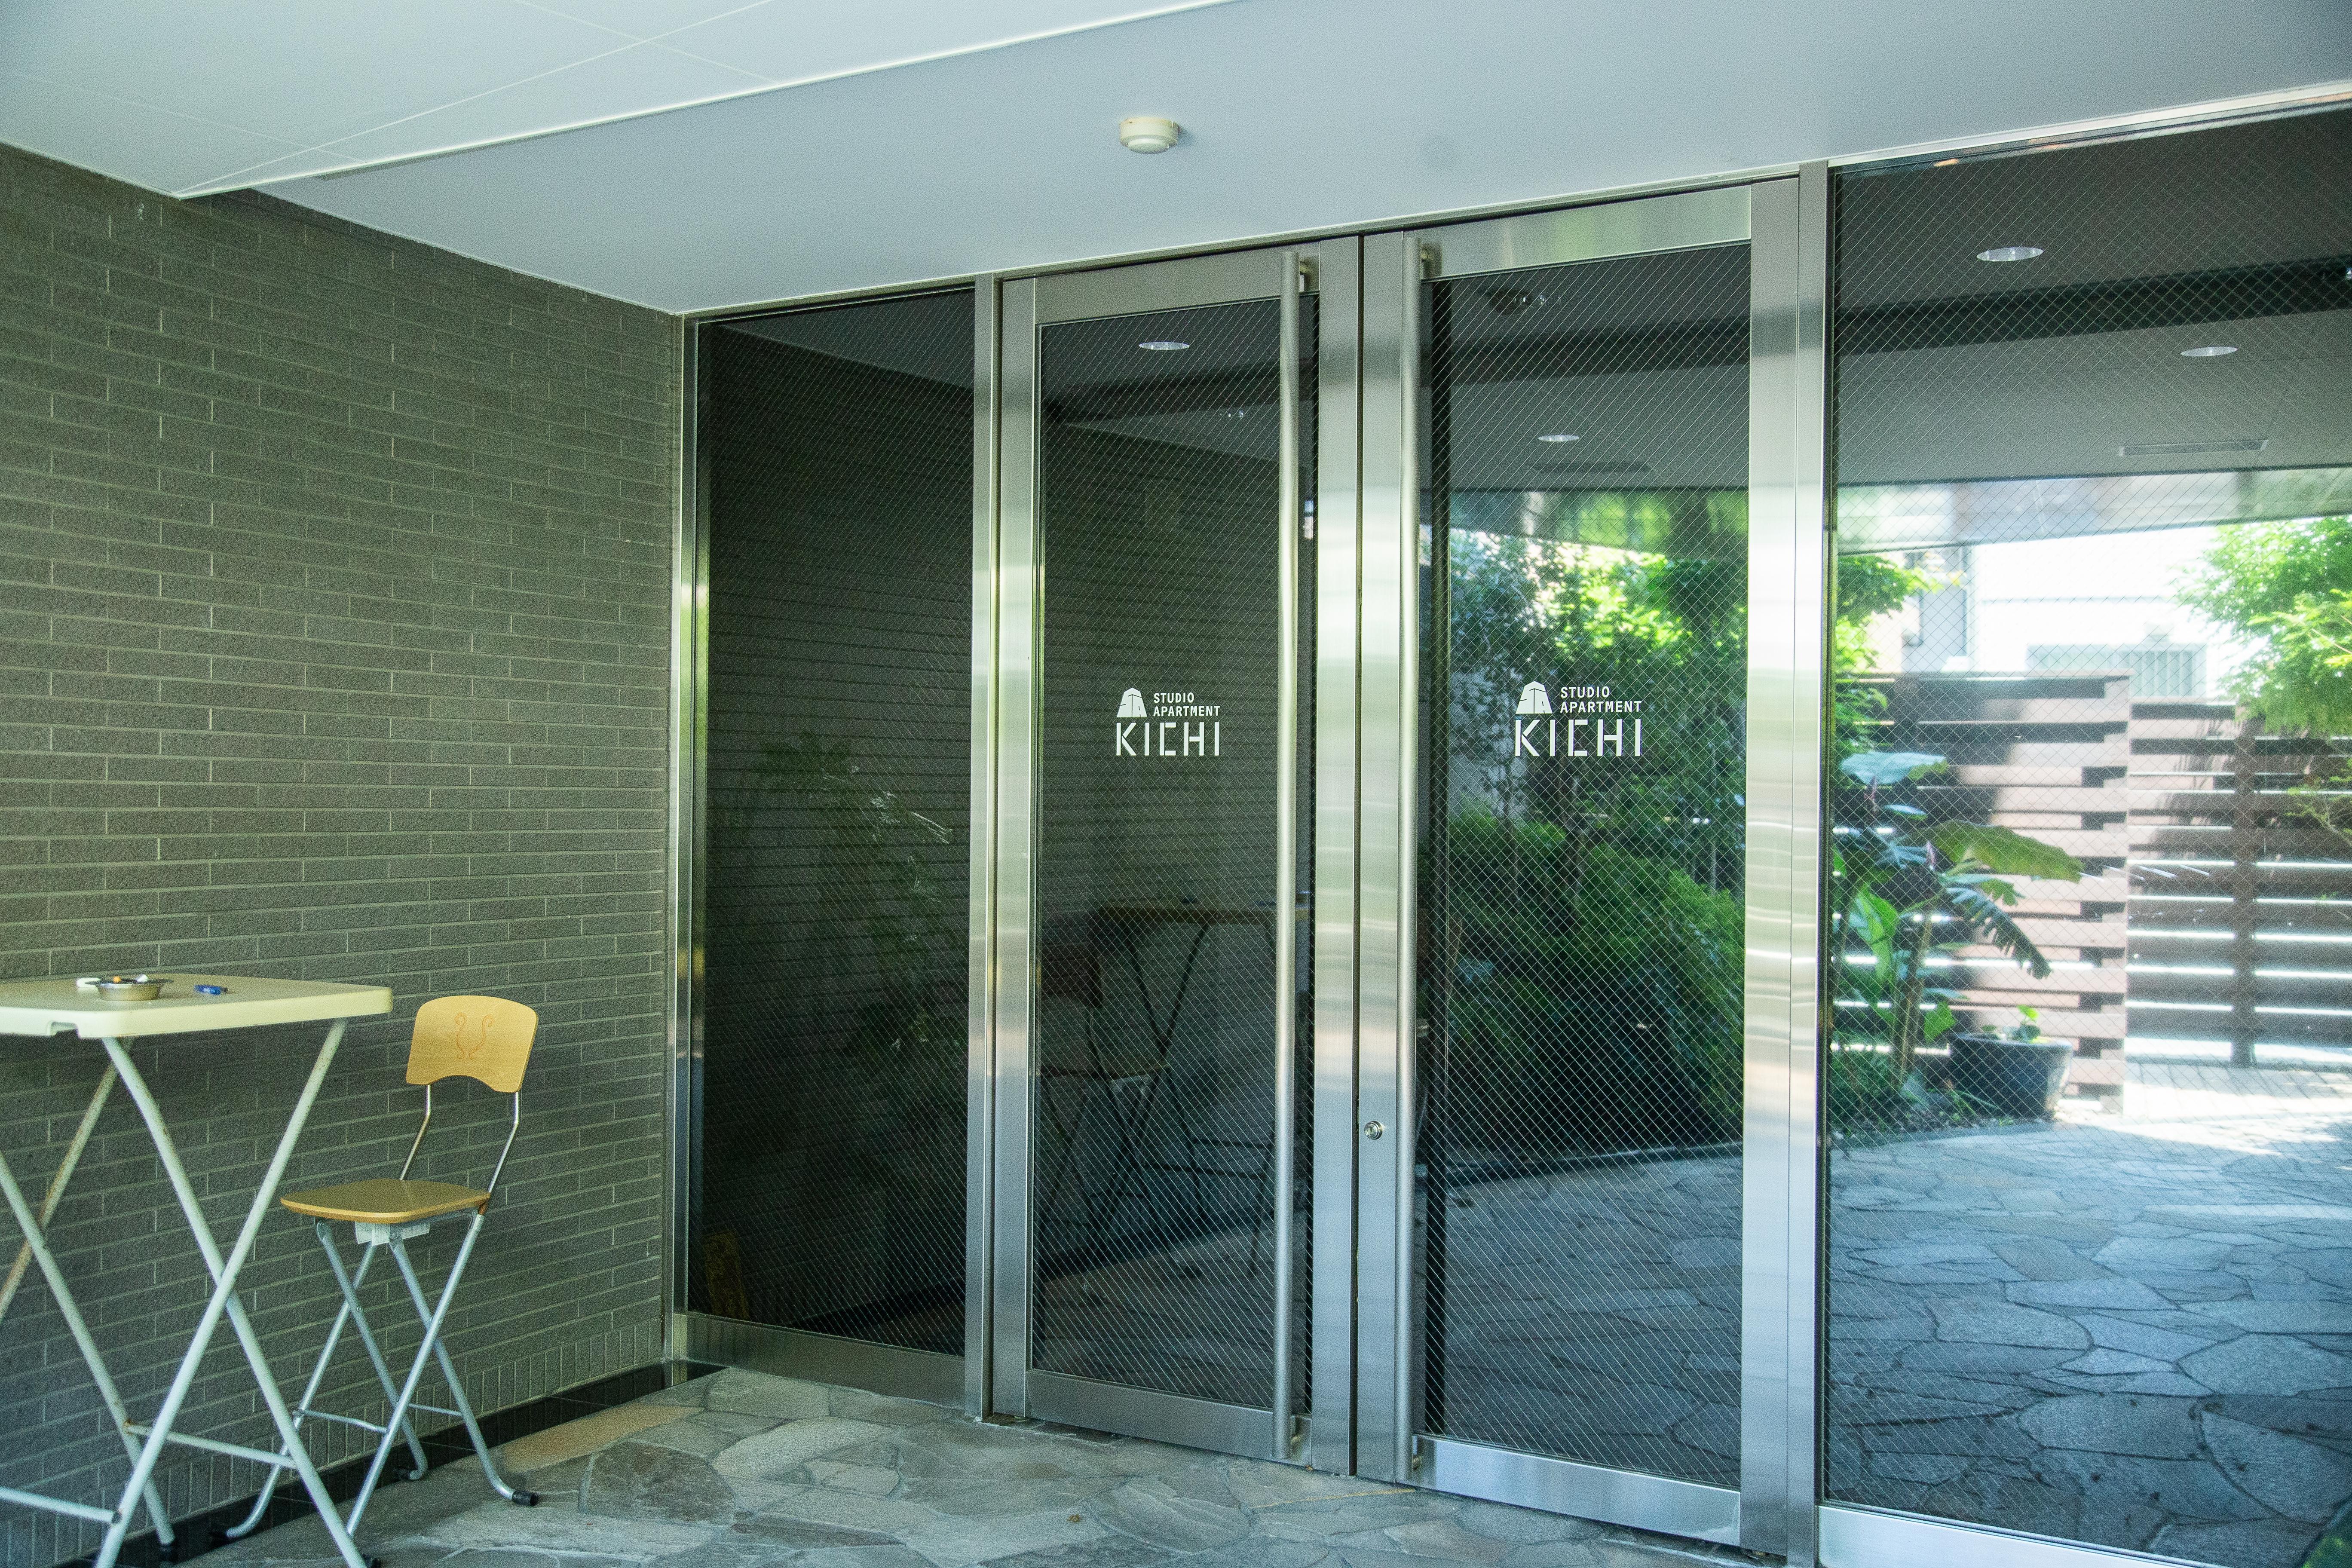 スタジオアパートメントKICHI Booth1の入口の写真